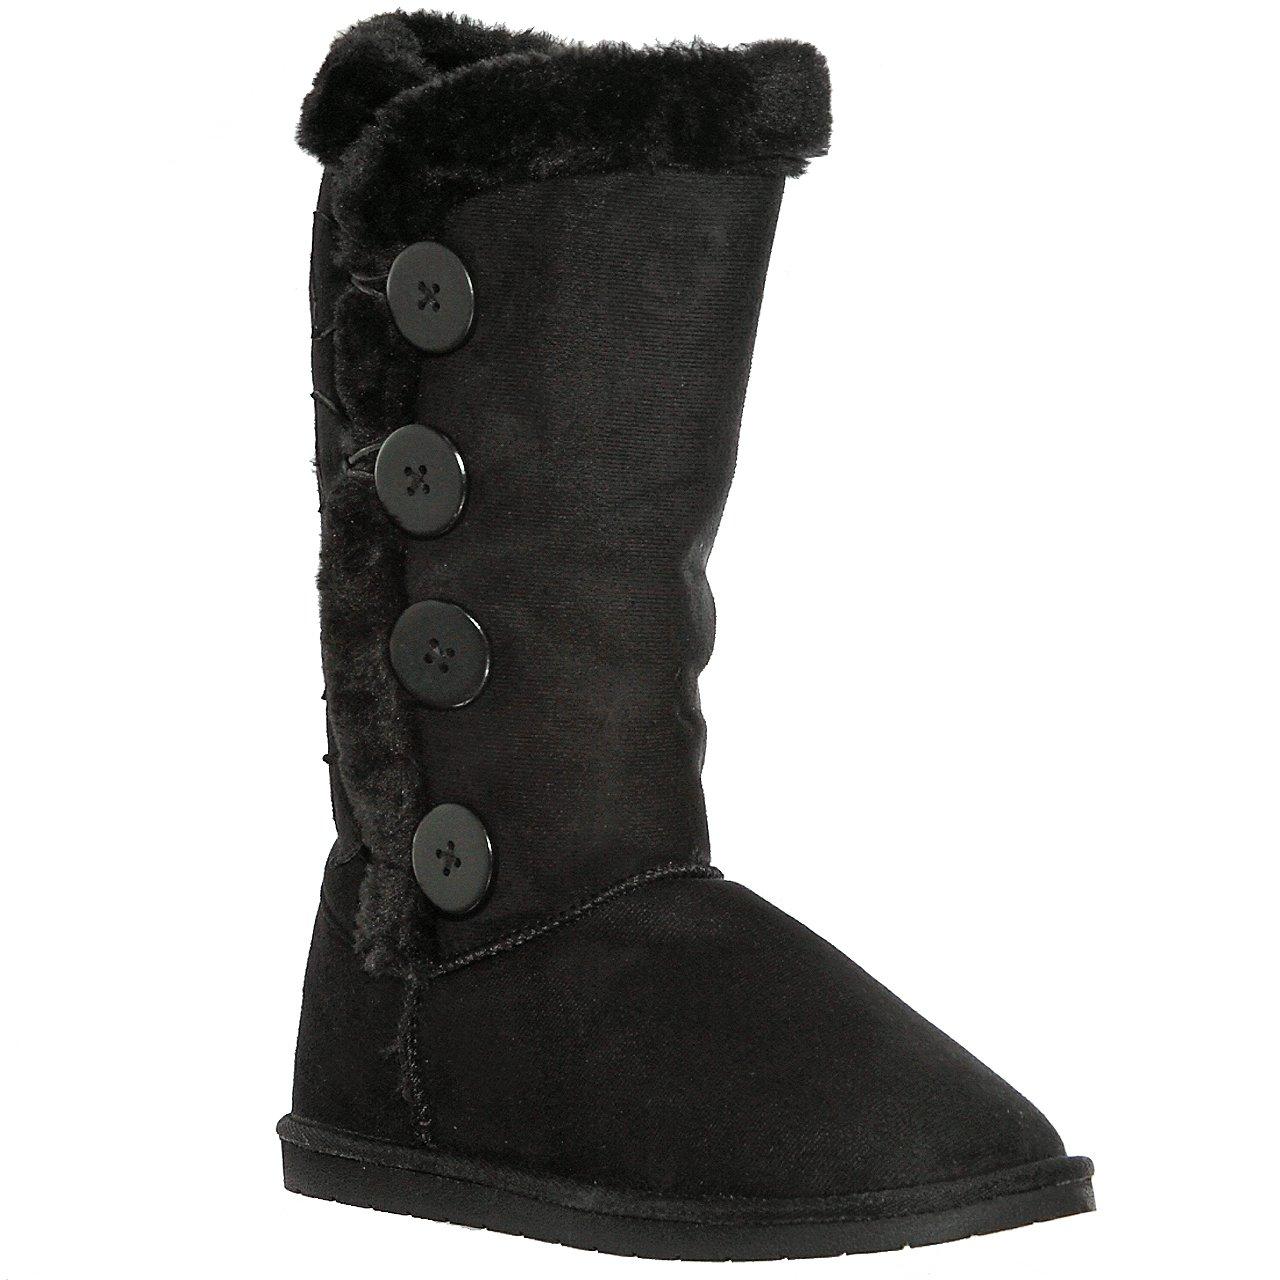 AMYshoes Tina/02 Plain Color Four Button Fur Lined Mid-Calf Snow Boots (7, Black)